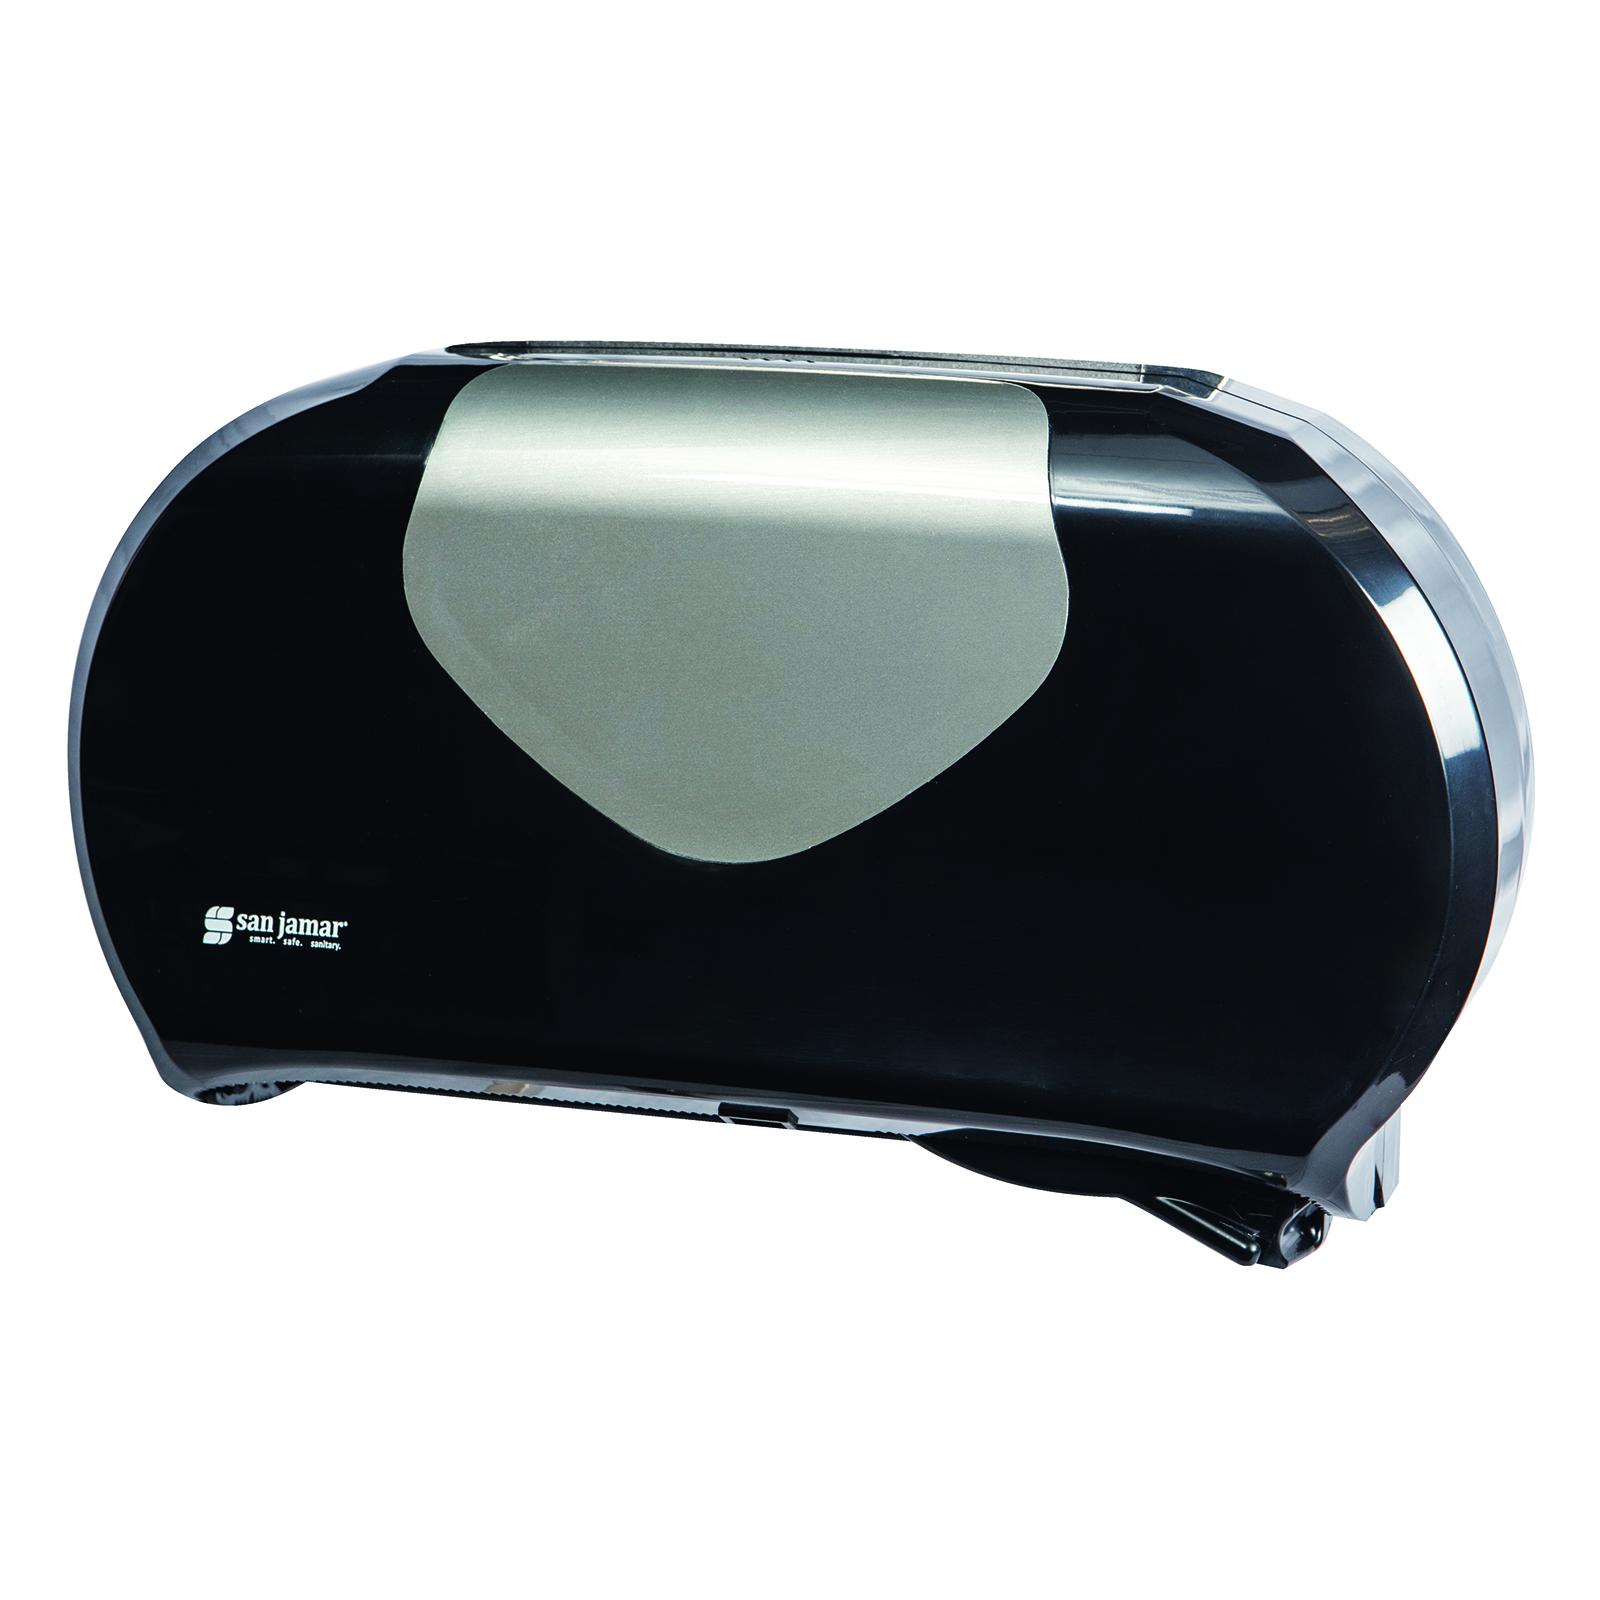 San Jamar R4070BKSS toilet tissue dispenser